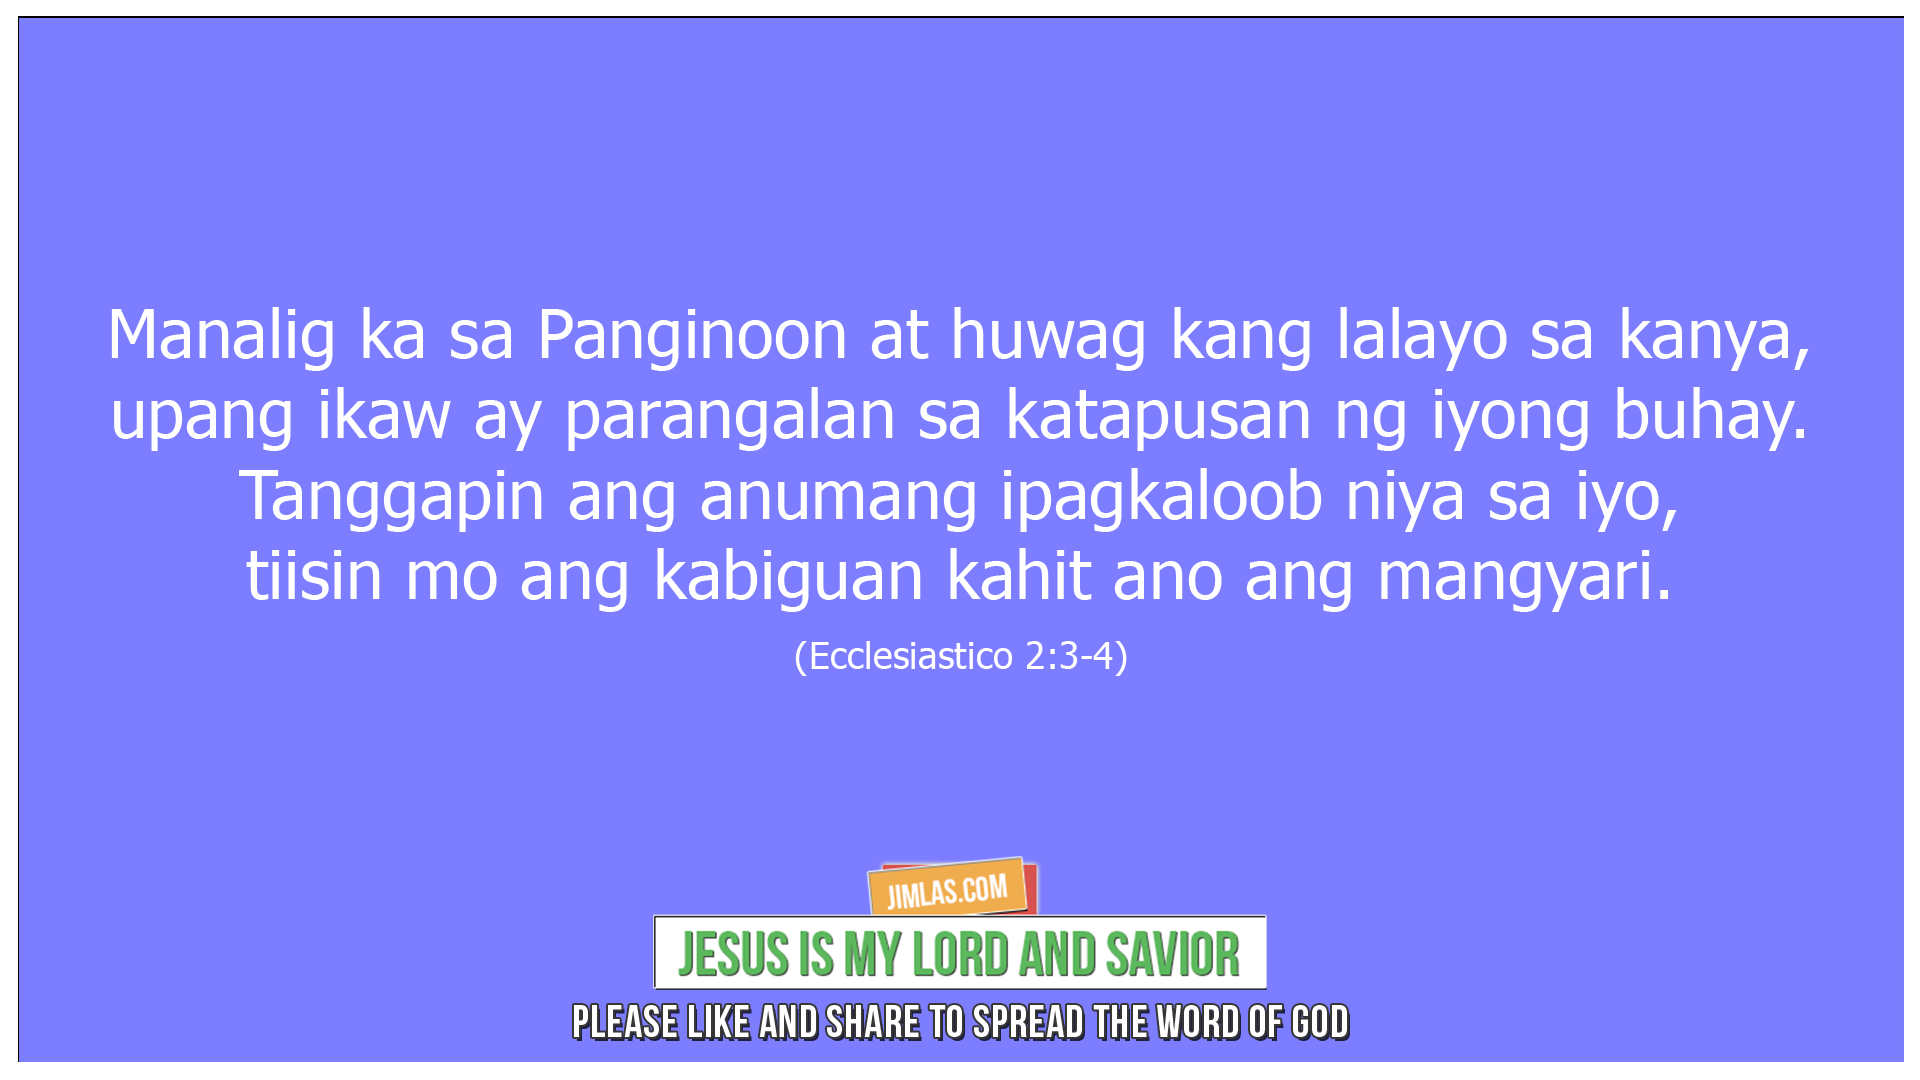 ecclesiastico 2 3-4, Ecclesiastico 2:3-4